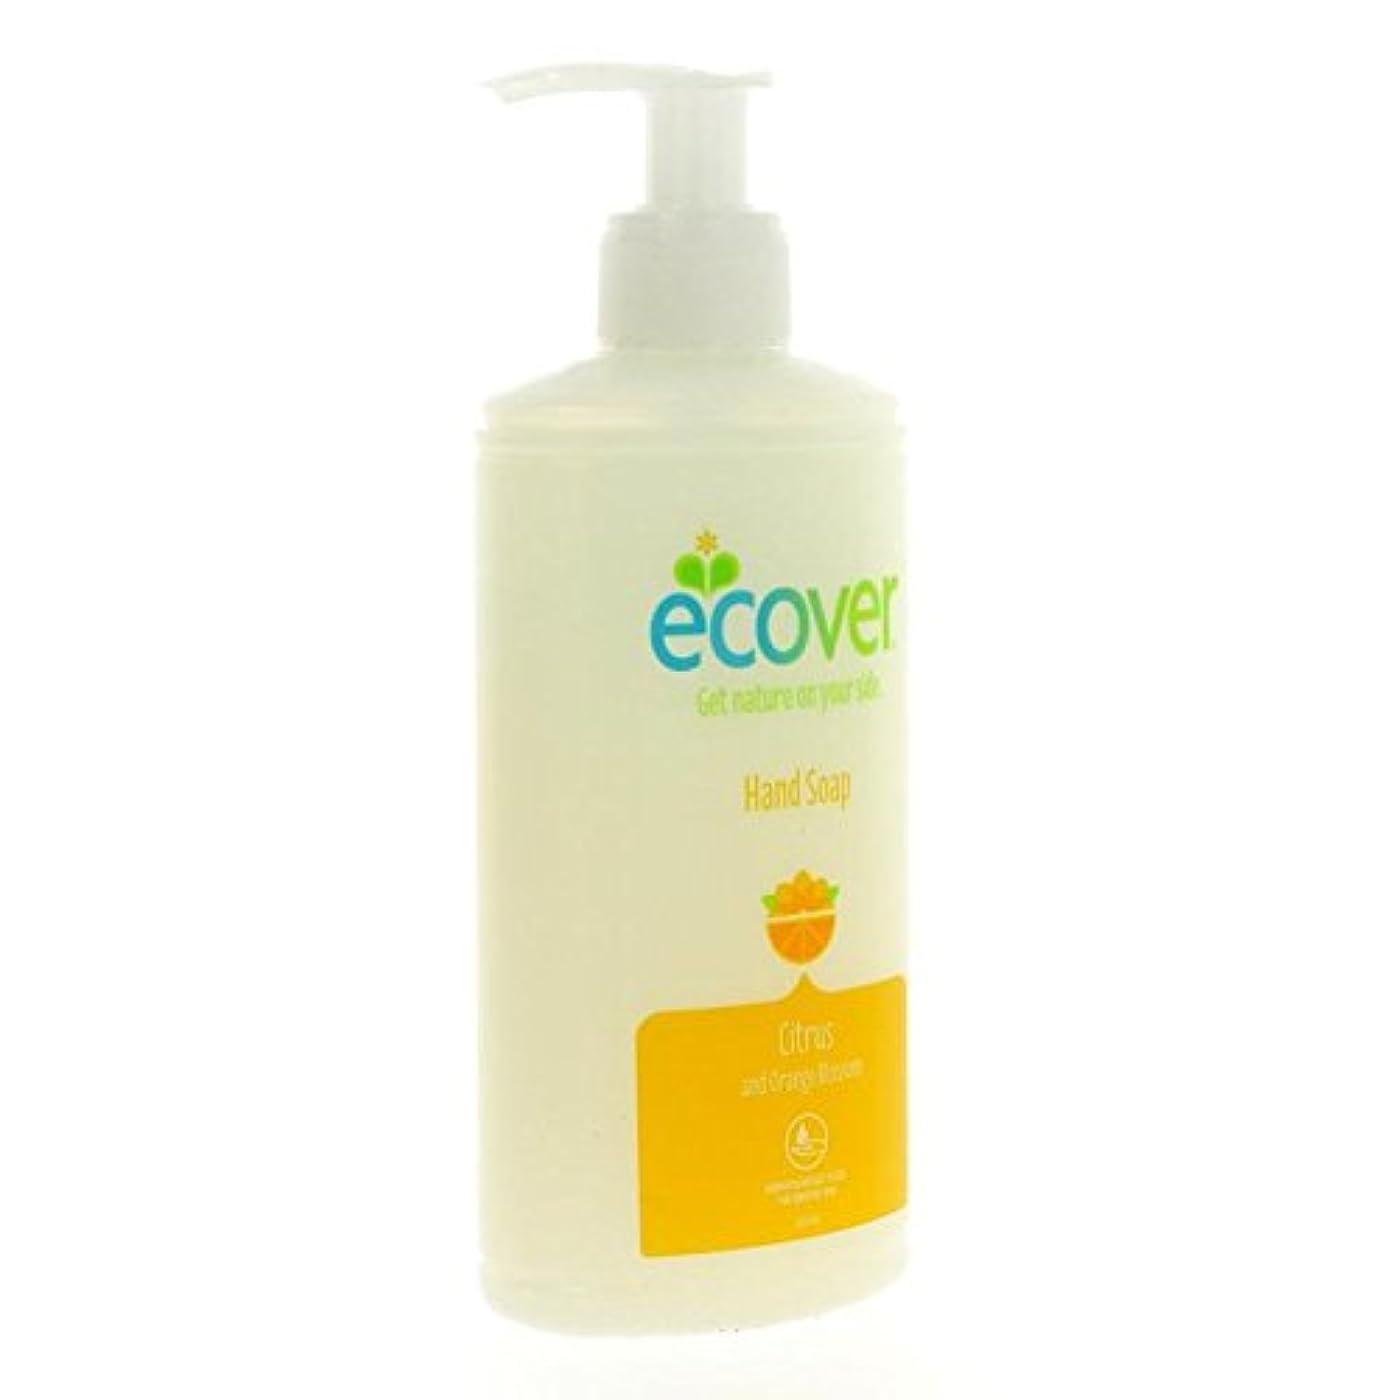 水差し輸血取り消すEcover - Hand Soap - Citrus and Orange Blossom - 250ml (Case of 6)